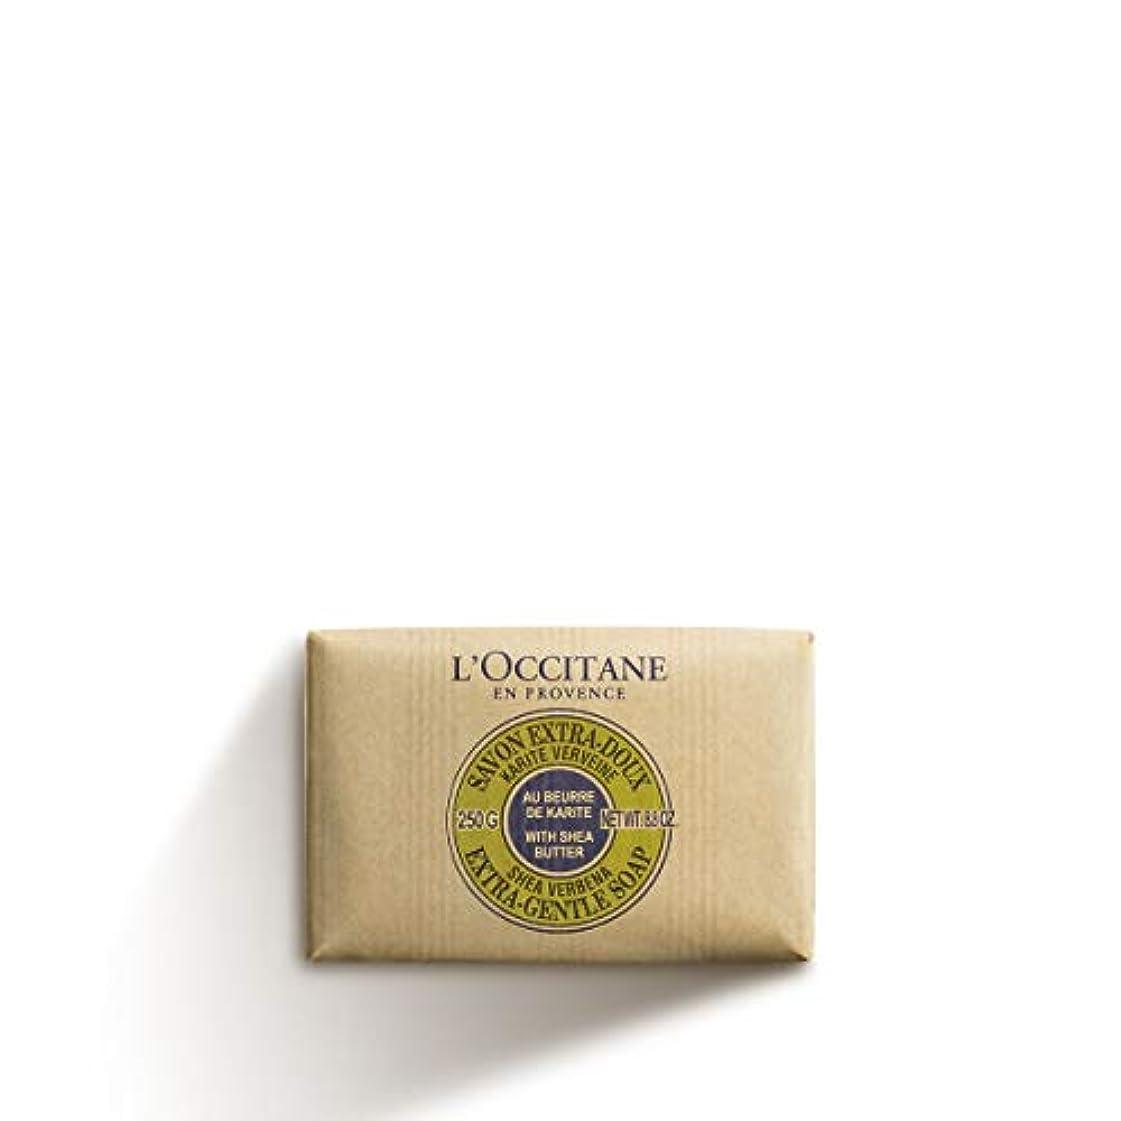 上陸豆ハーブロクシタン(L'OCCITANE) シアバターソープ 250g ヴァーベナ